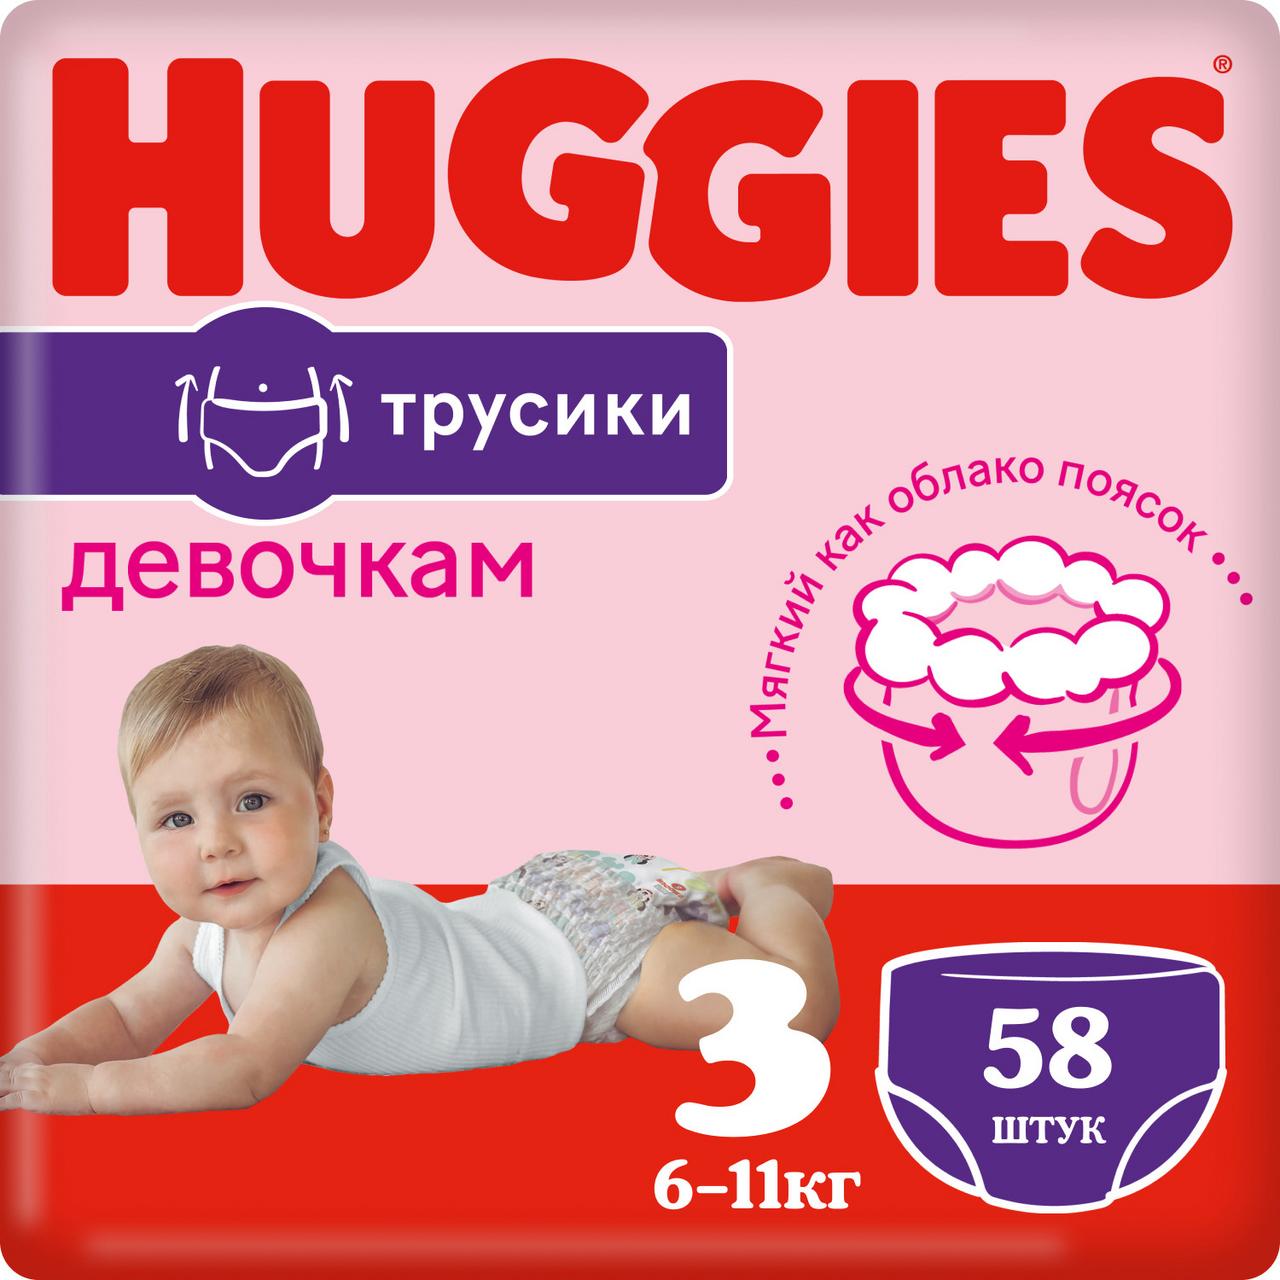 Трусики HUGGIES для девочек 3 (7-11кг), 58 шт.